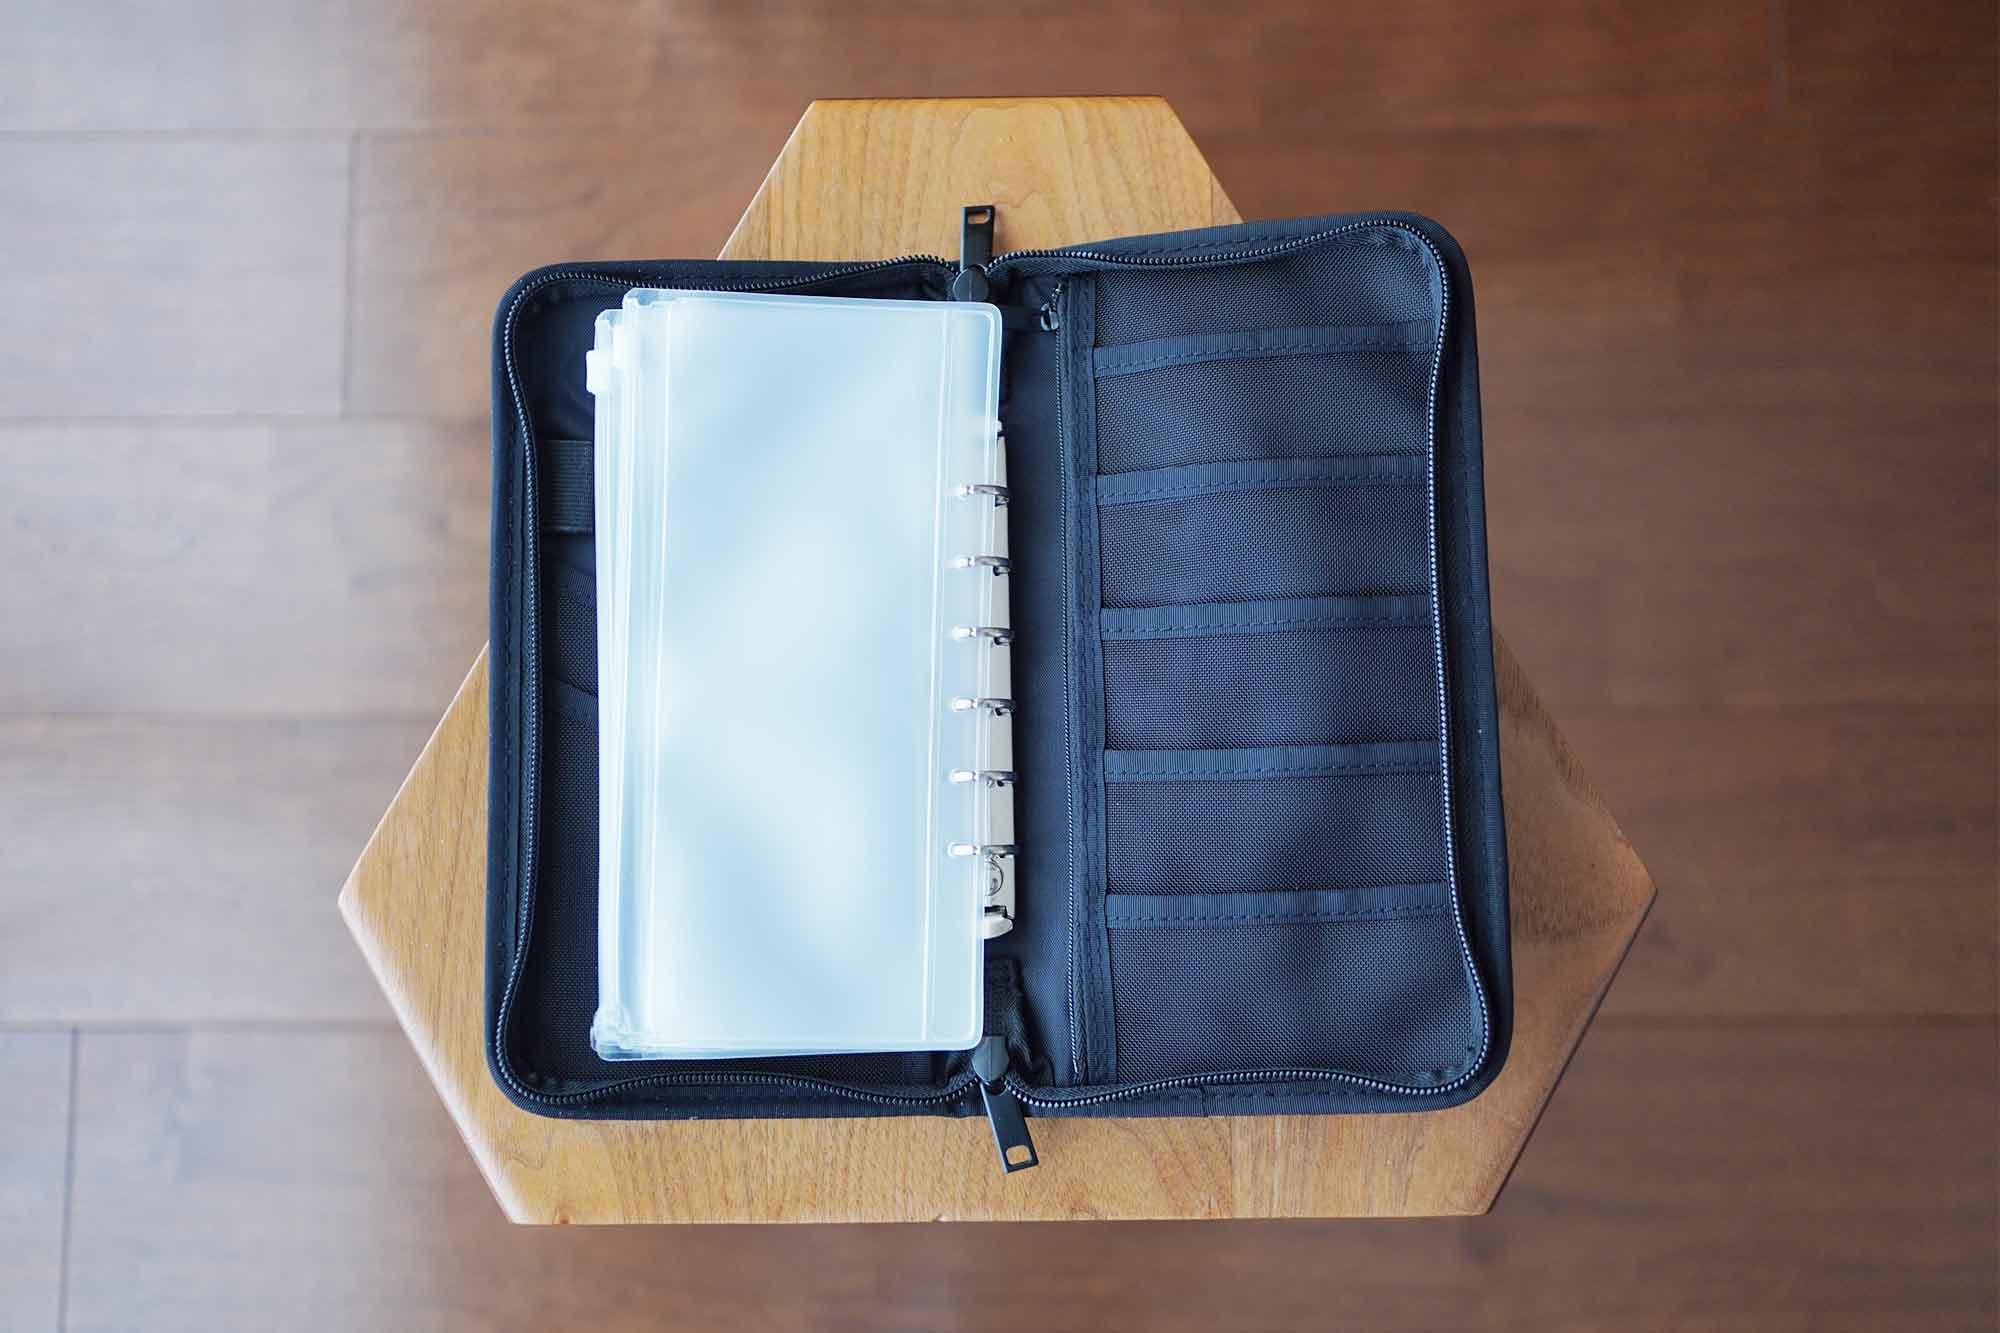 無印良品,パスポートケース,収納,便利,通帳,安い,カード